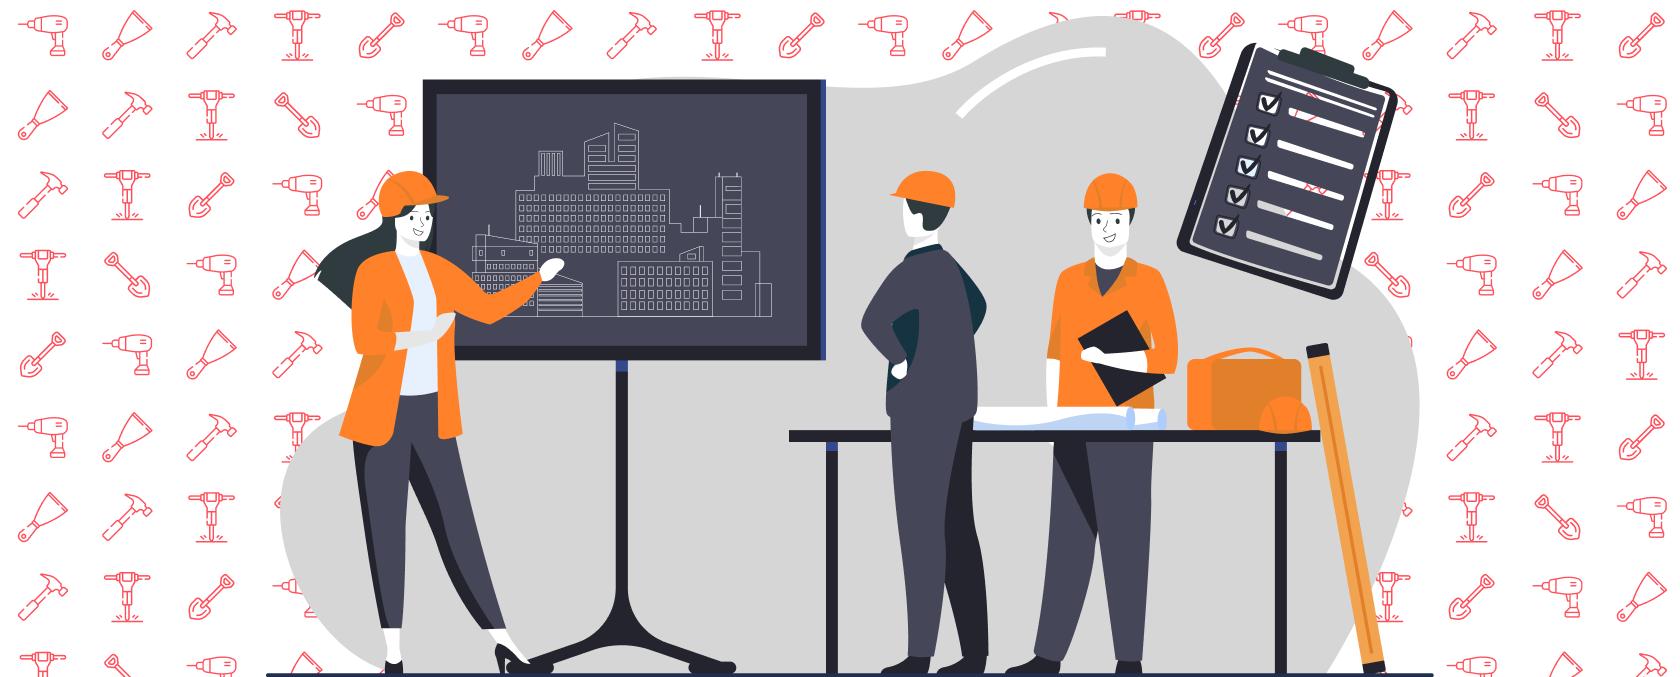 Для специалистов по организации архитектурно-строительного проектирования утвержден профстандарт